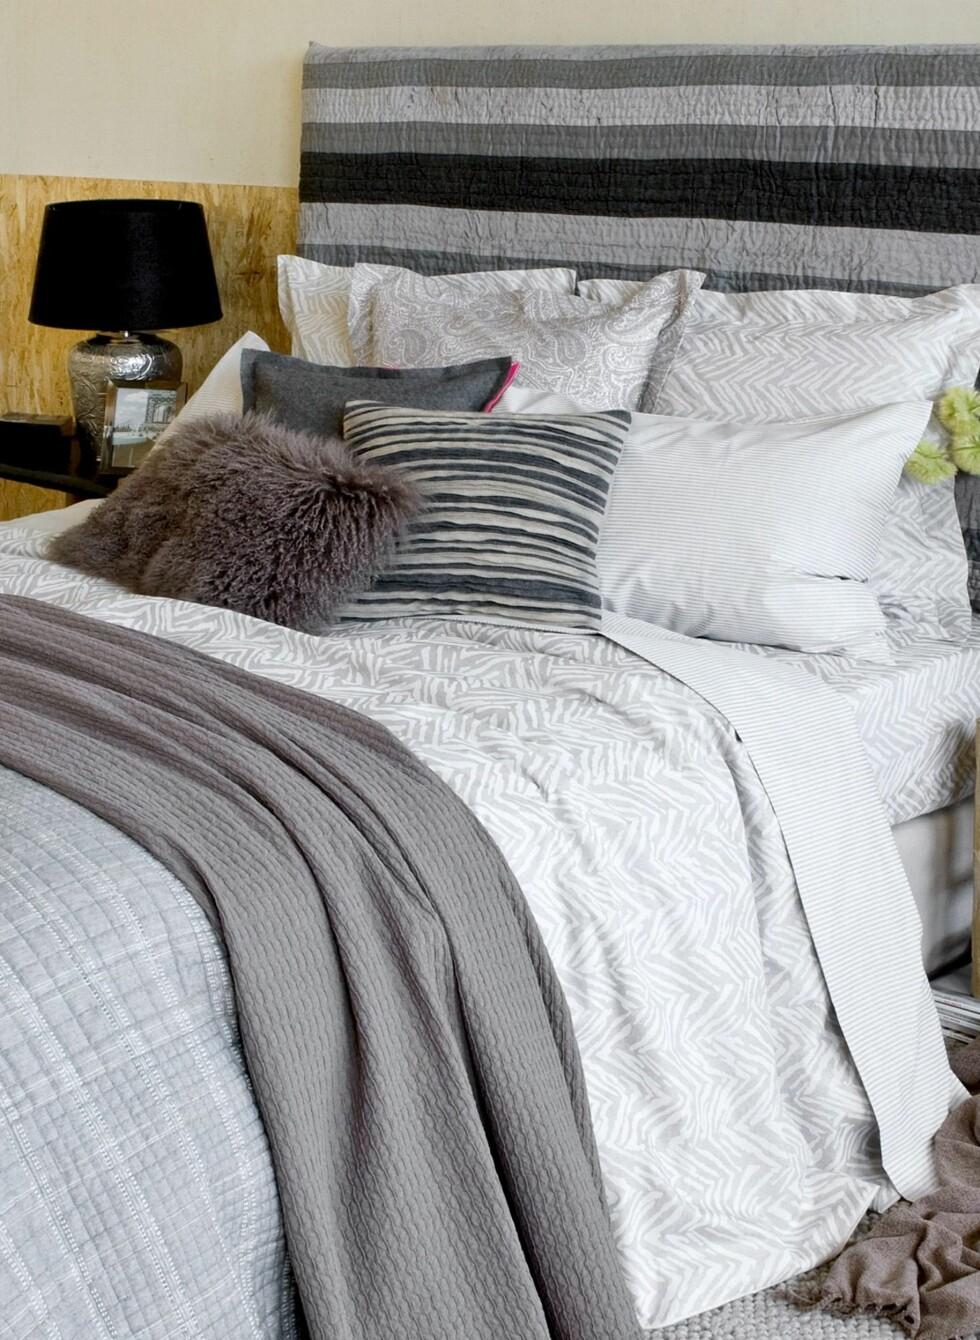 Fuskpelsputer og flere nyanser av grått og hvitt gjør seg også på soverommet. Foto: Ellos / Zara Home